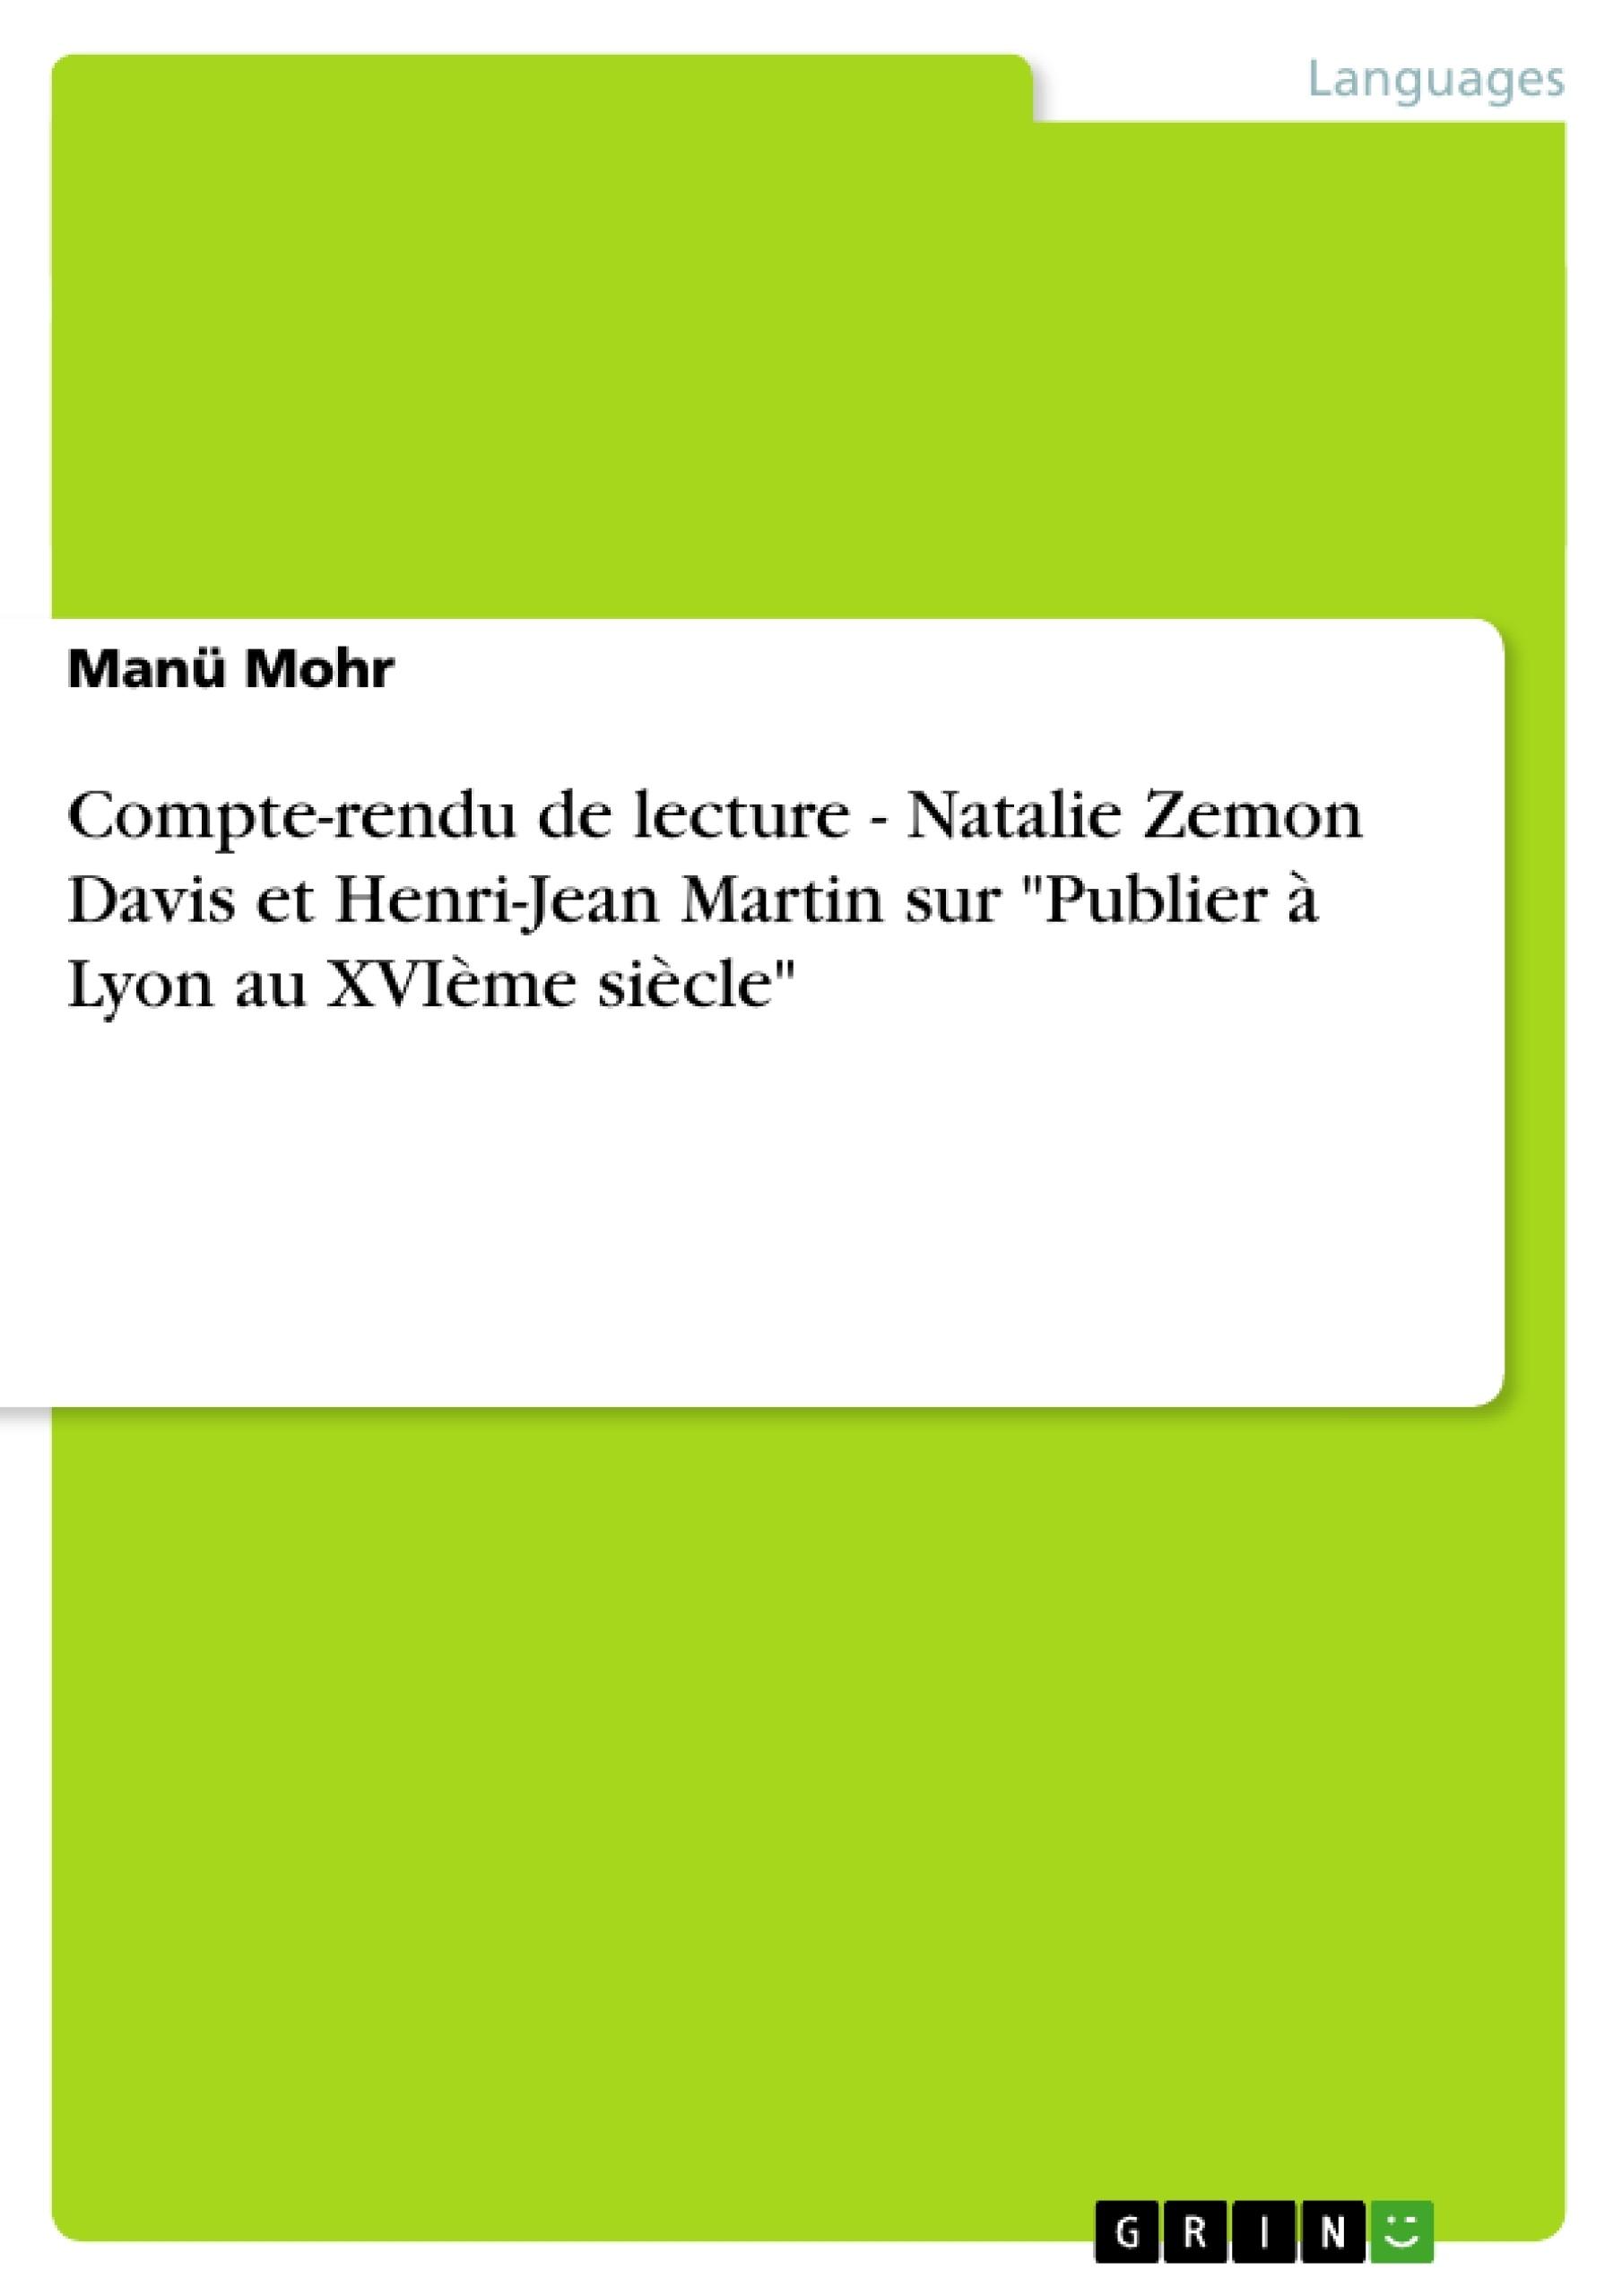 """Titre: Compte-rendu de lecture - Natalie Zemon Davis et Henri-Jean Martin sur """"Publier à Lyon au XVIème siècle"""""""